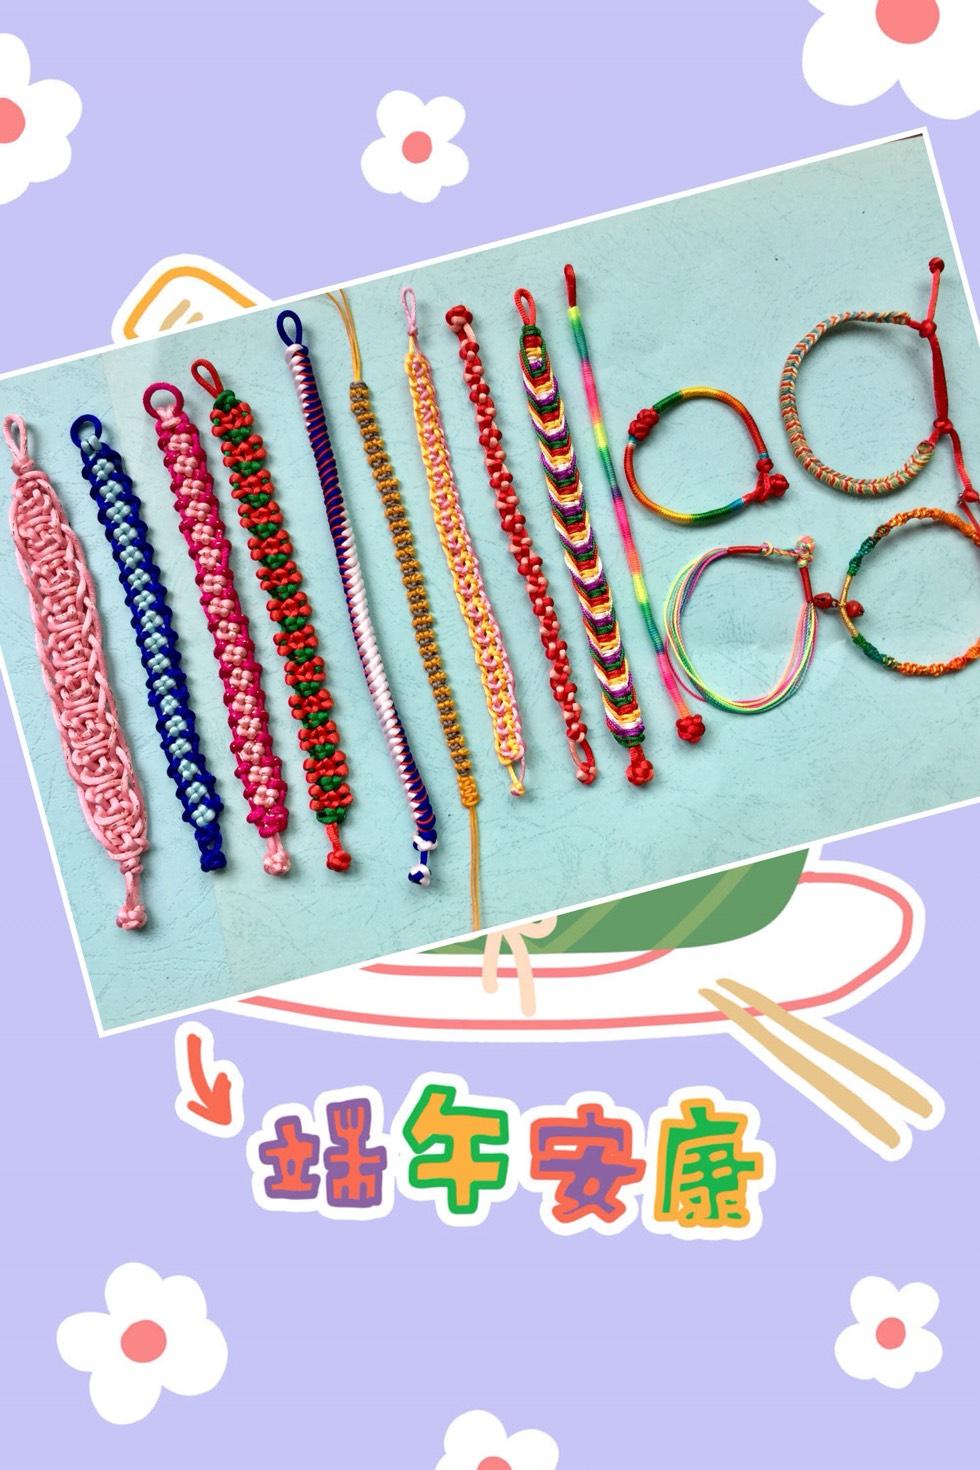 中国结论坛 再祝端午安康!端午手链,还有很多… 手链,还有很多,很多,还有,端午 作品展示 072033t4owaswb54vbr5ry